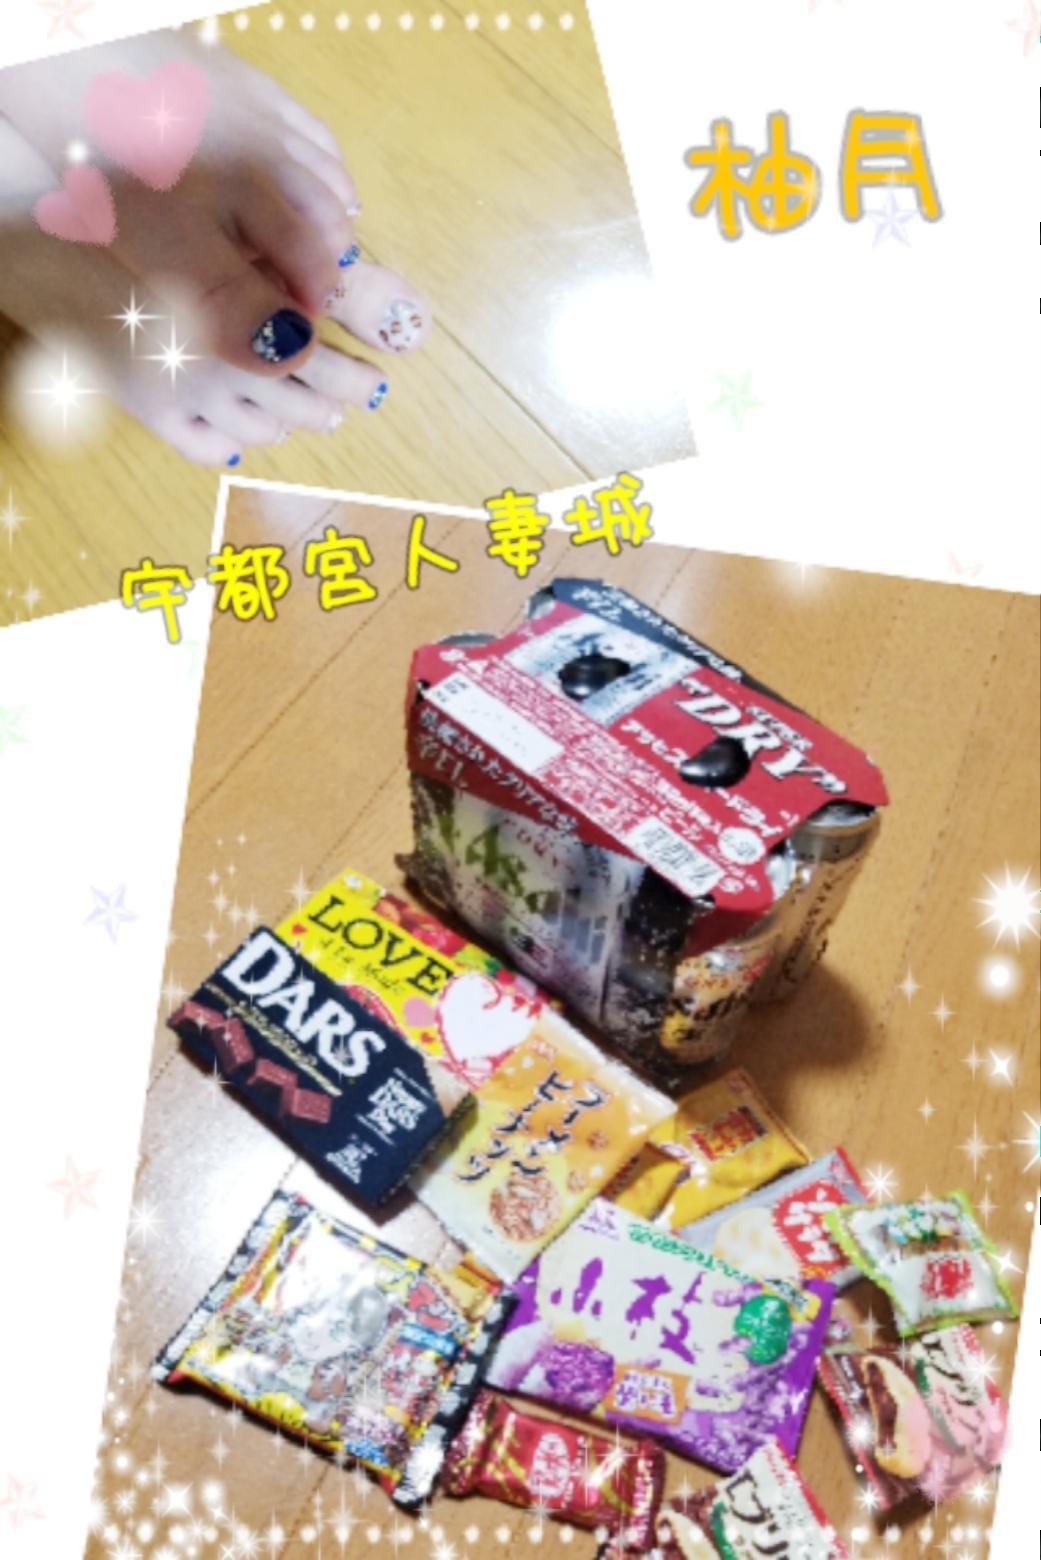 「週末の予定...」01/08(火) 23:48   柚月の写メ・風俗動画